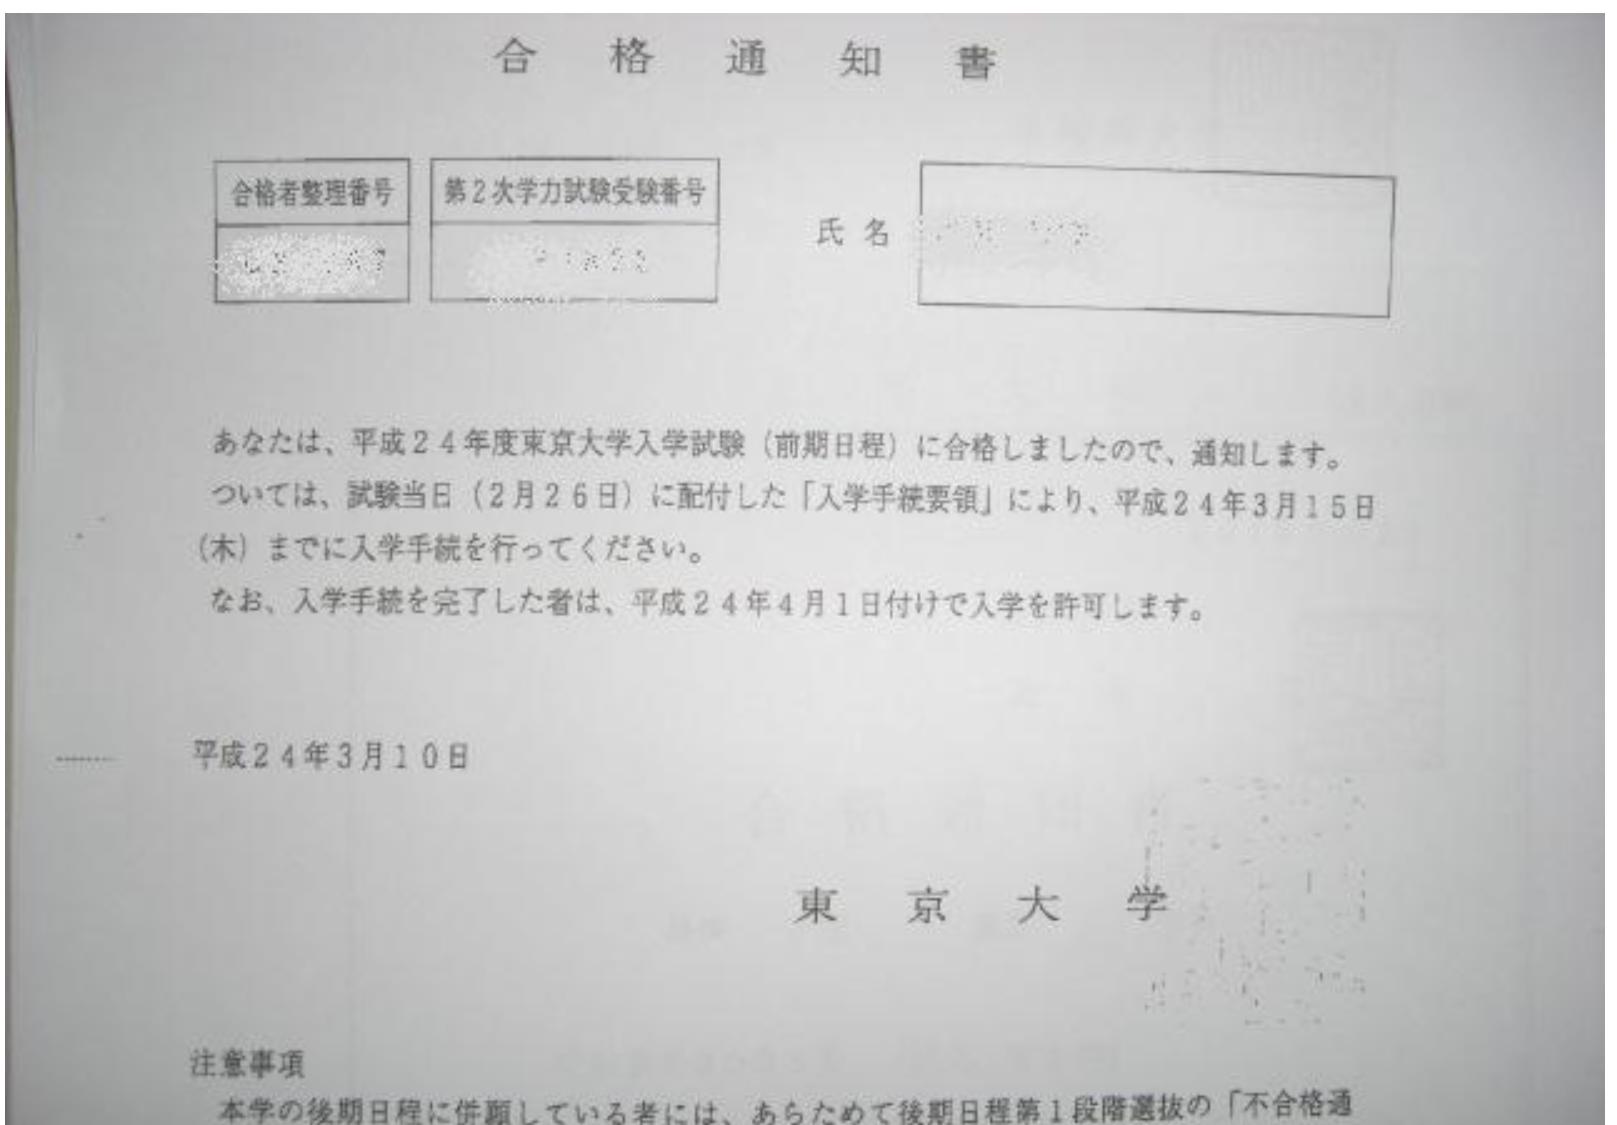 立山健吾 仮想通貨ABCプロジェクト5